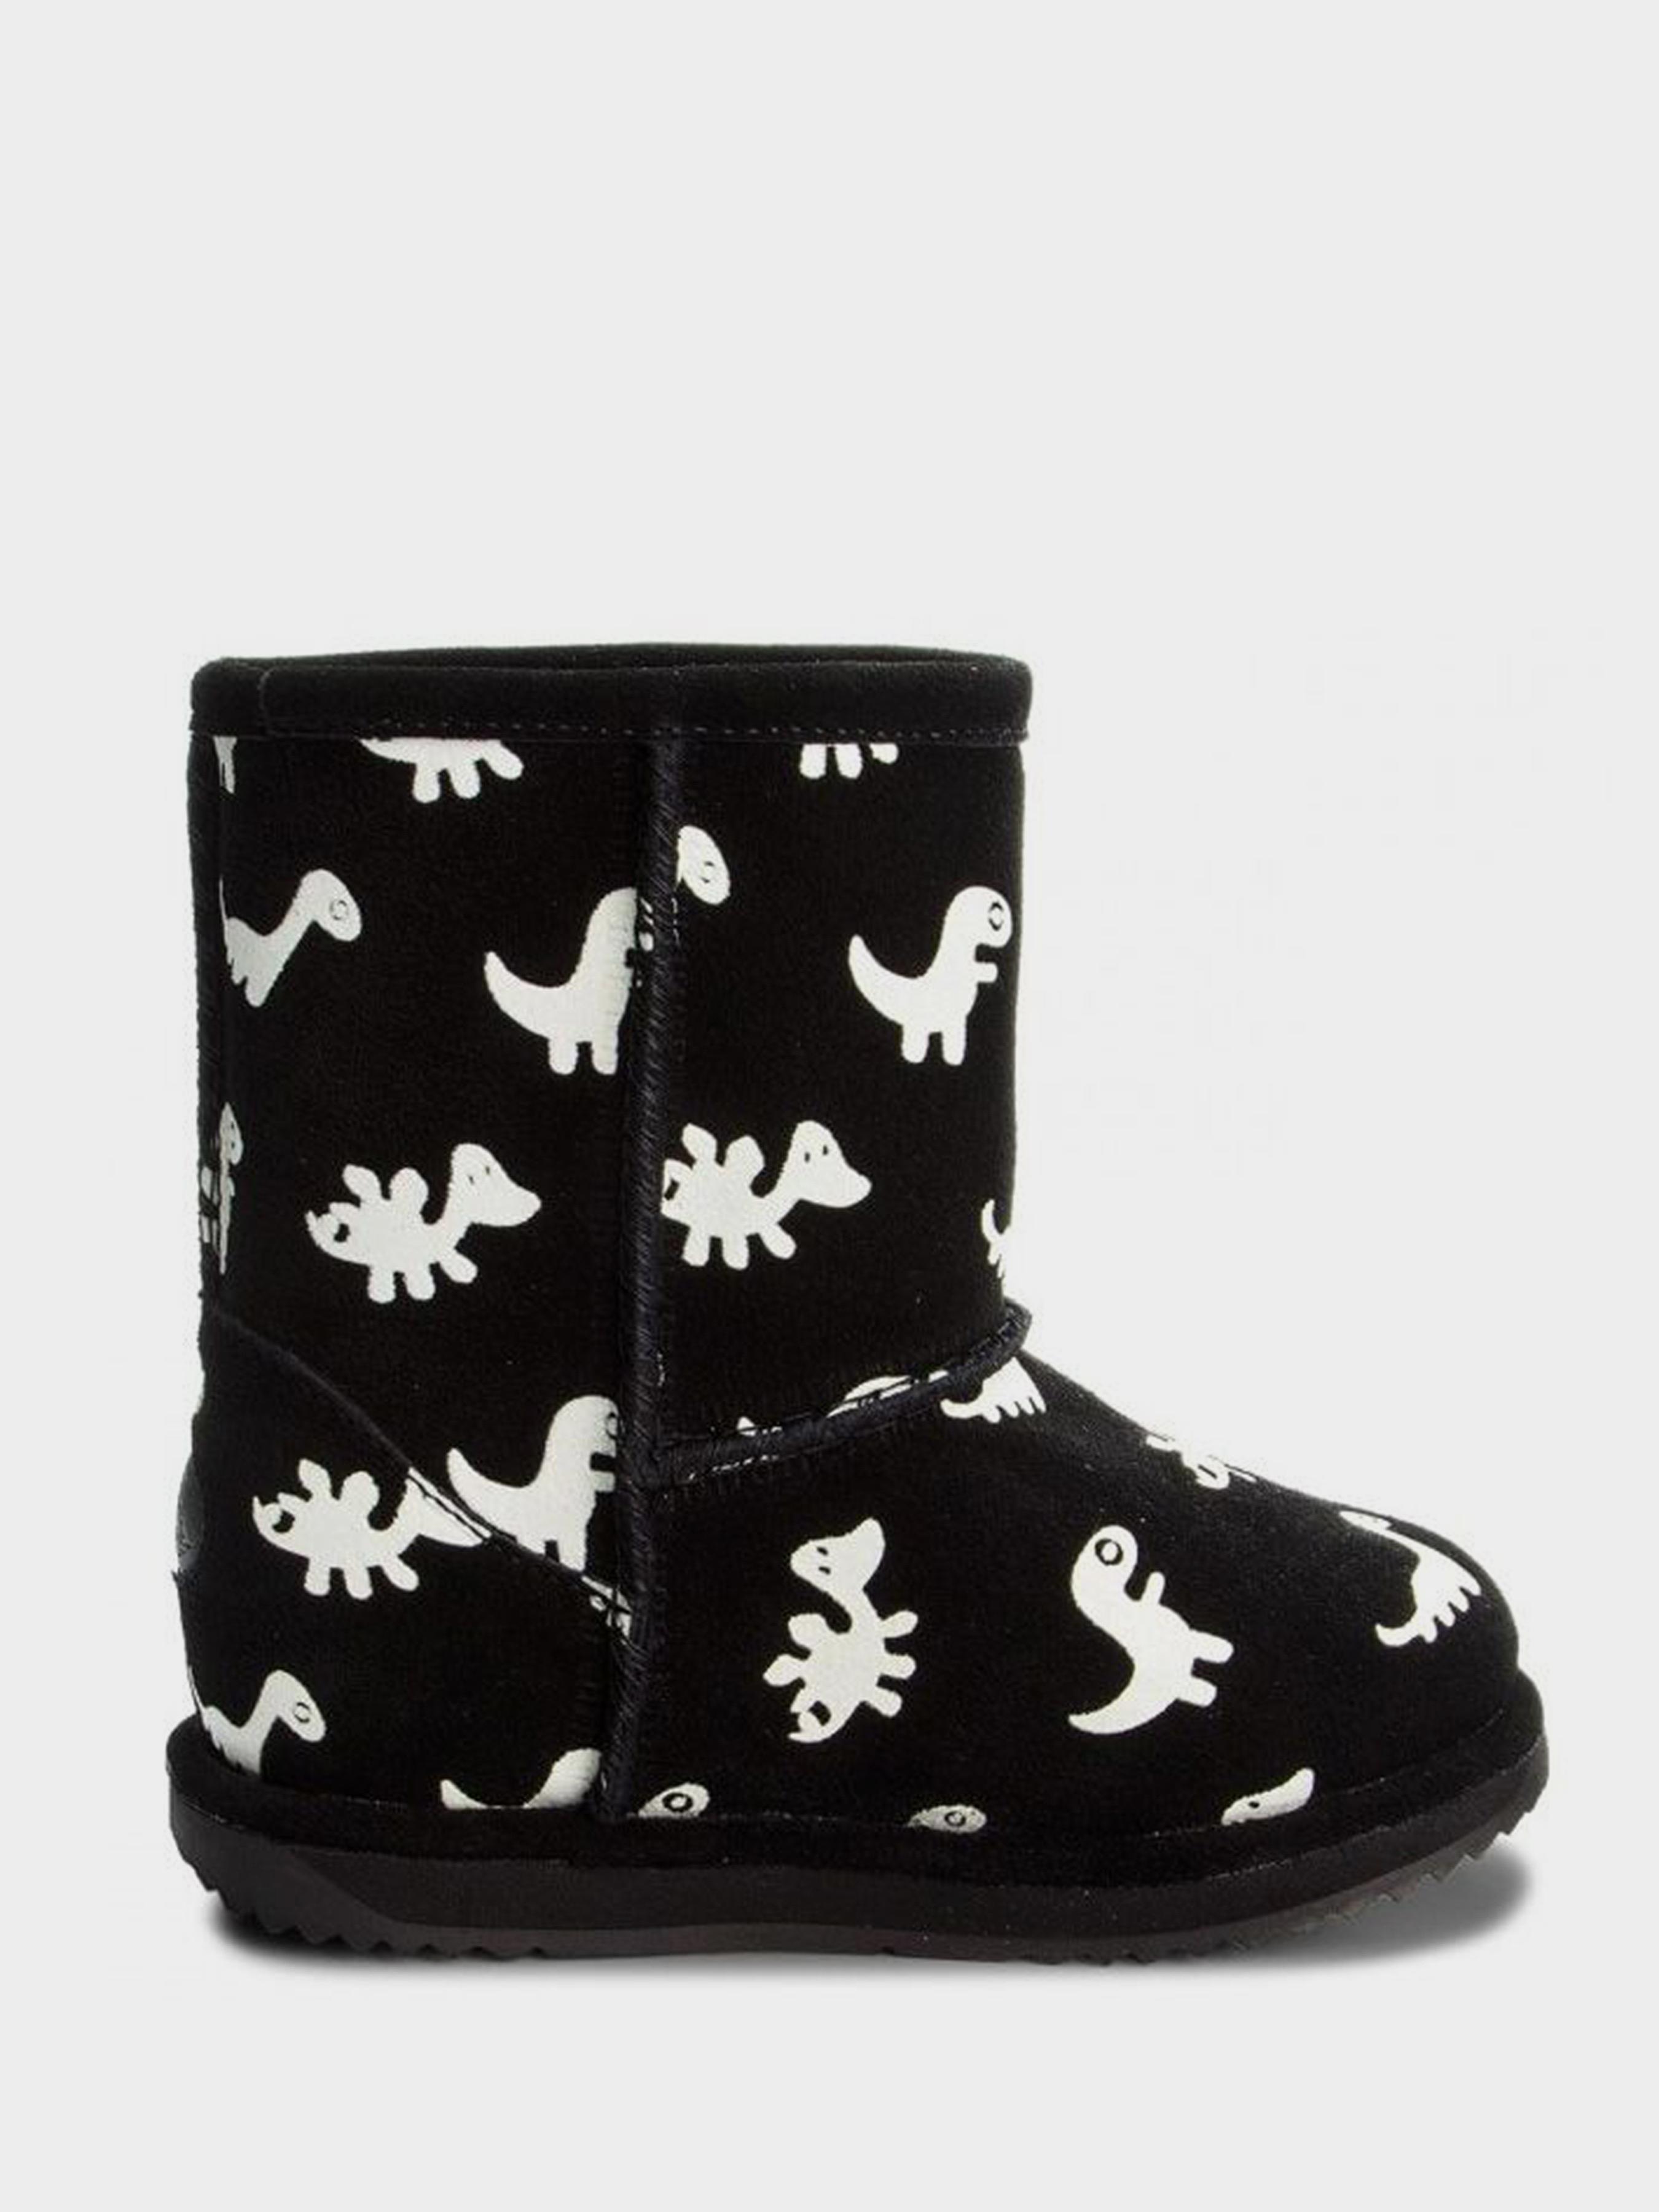 Купить Сапоги для детей EMU чоботи дит.дів (8-12) YJ31, Черный